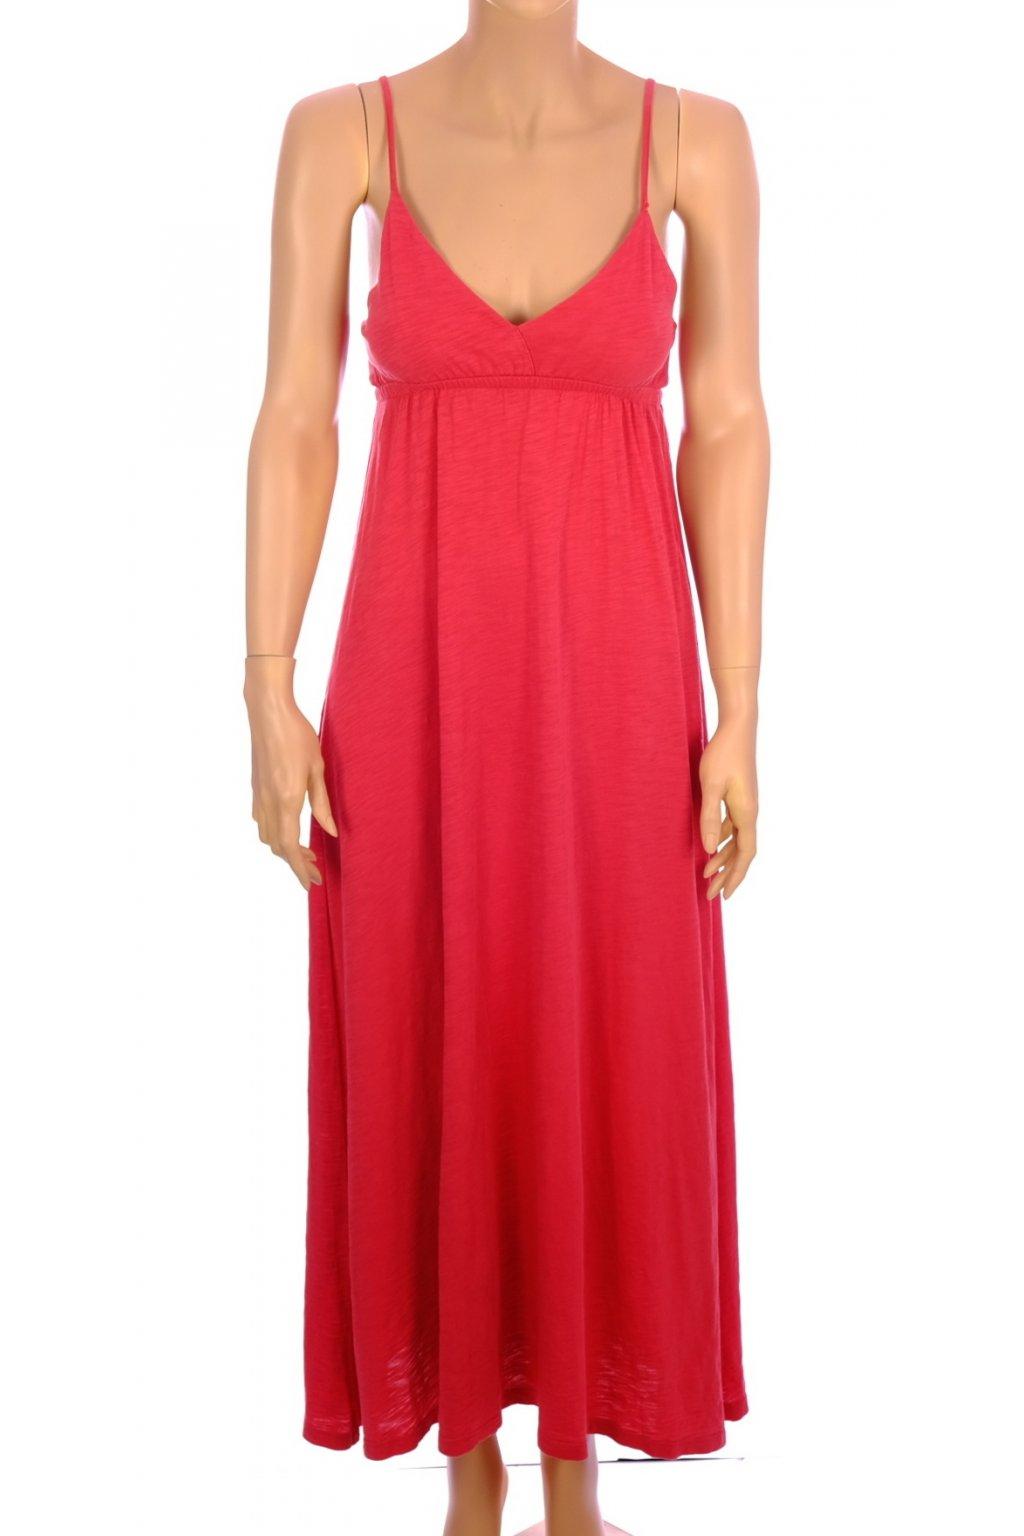 Šaty My Own červené dlouhé vel. XS